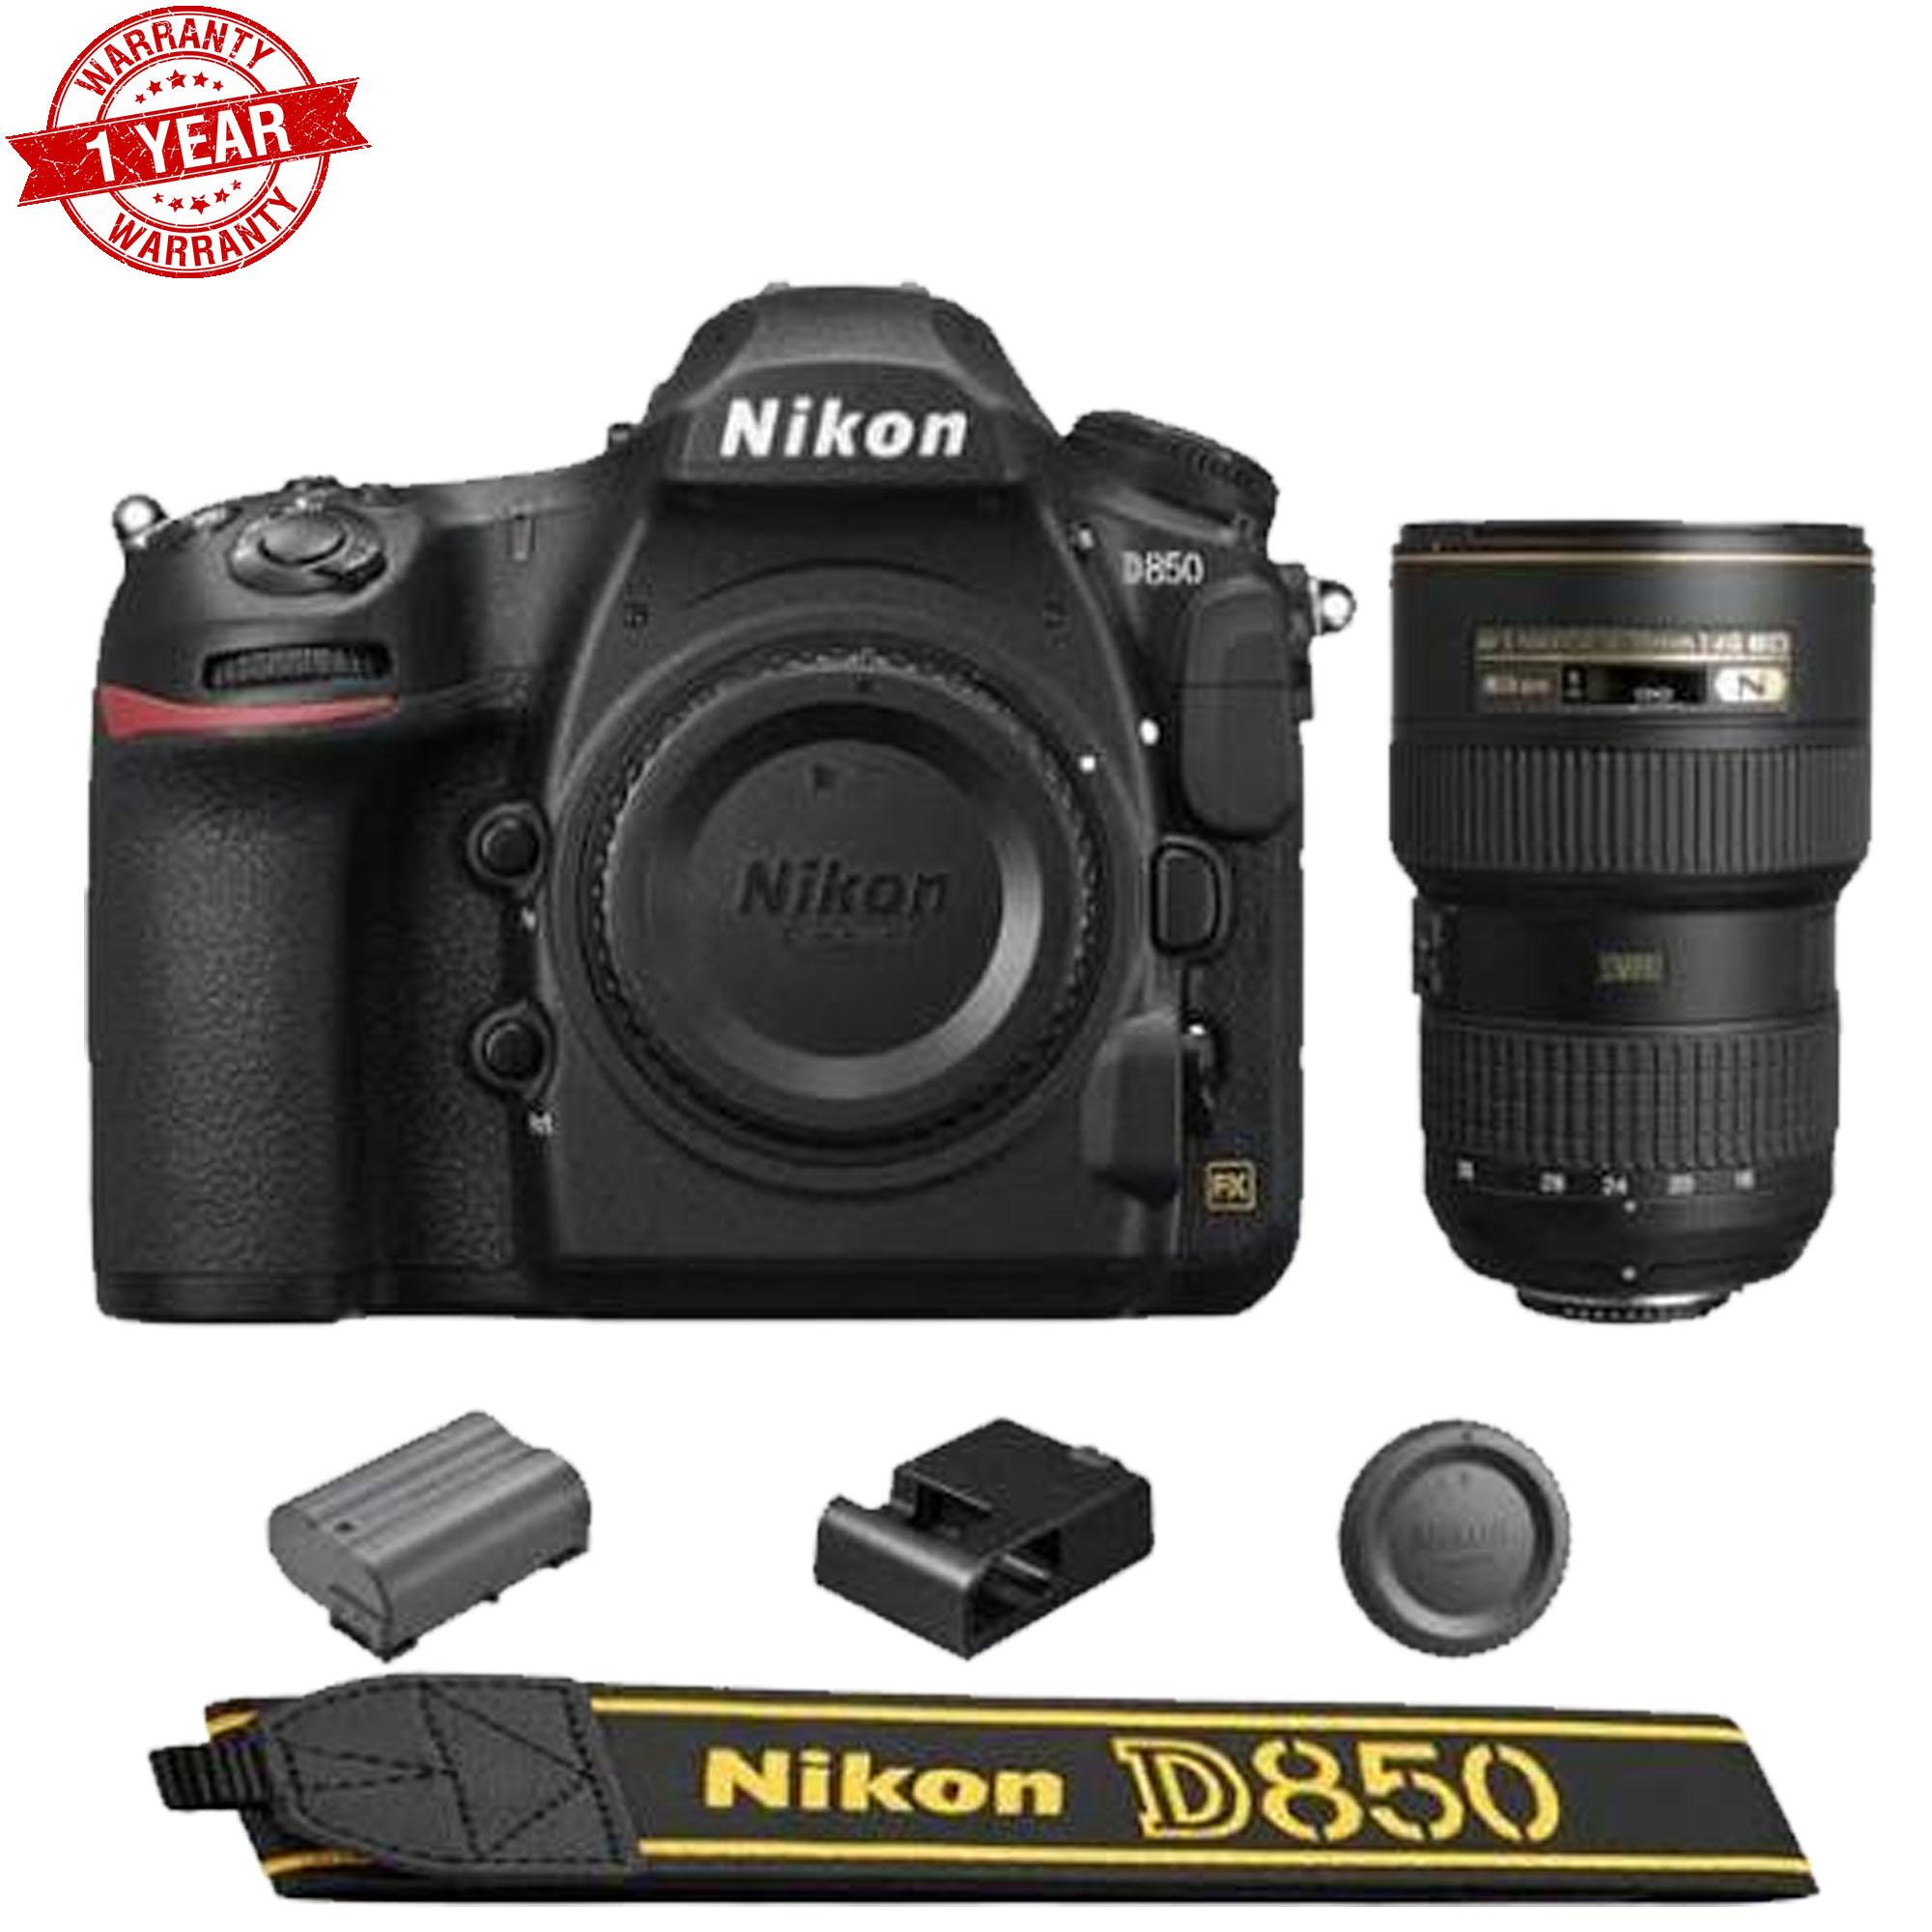 Nikon D850 DSLR Camera + AF-S NIKKOR 16-35mm f/4G ED VR Lens - image 1 of 1